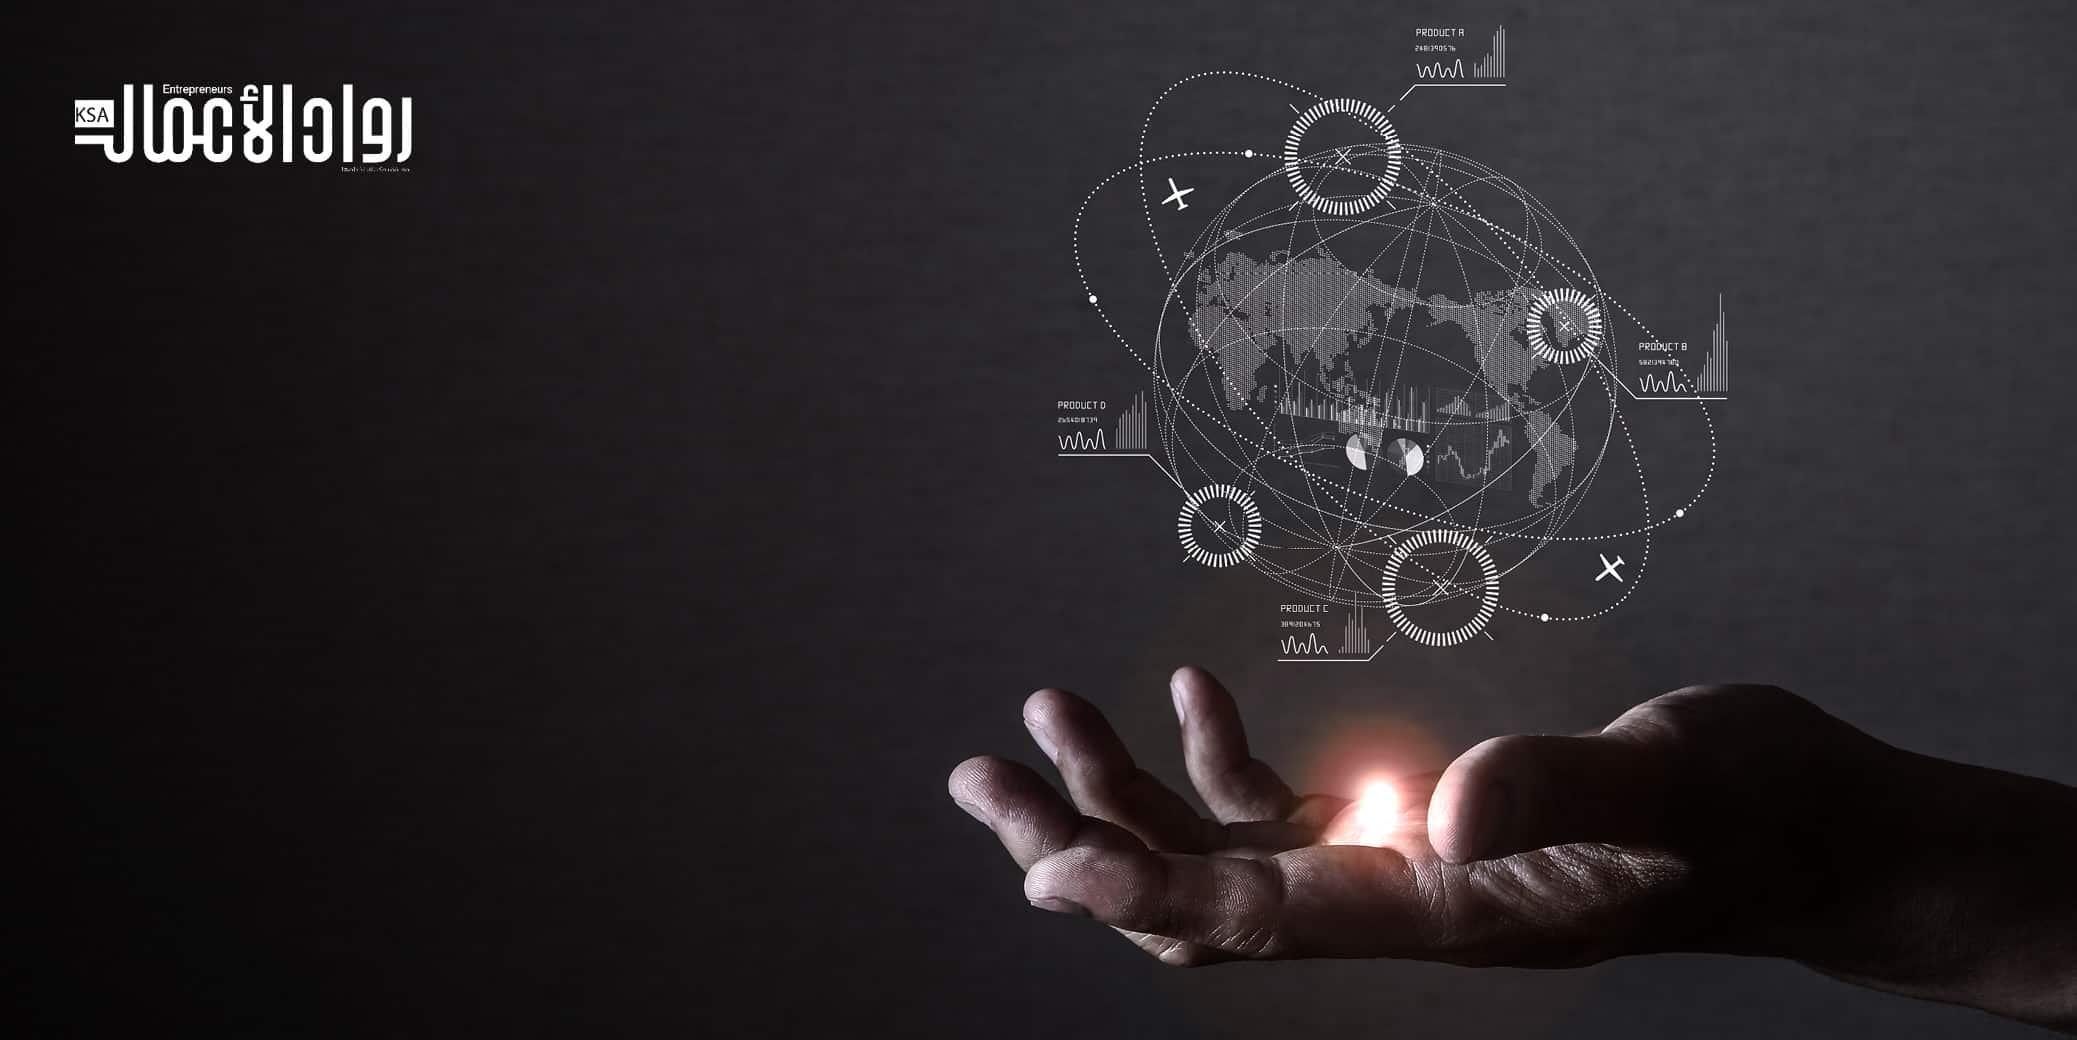 التقنيات الحديثة في عالم الأعمال